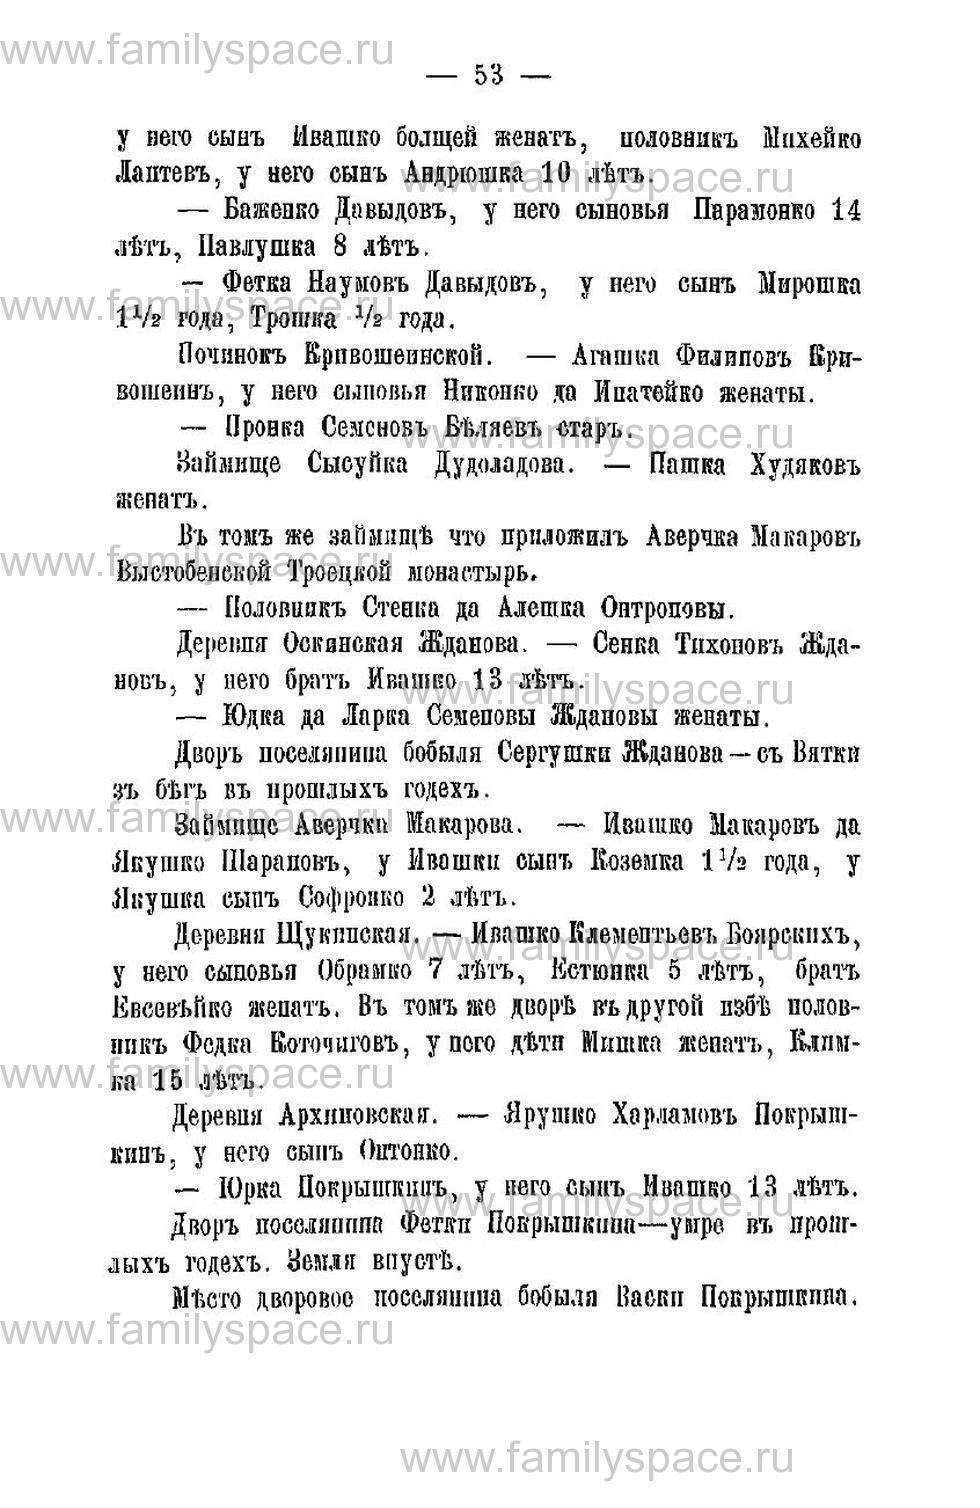 Поиск по фамилии - Переписная книга Орлова и волостей 1678 г, страница 49